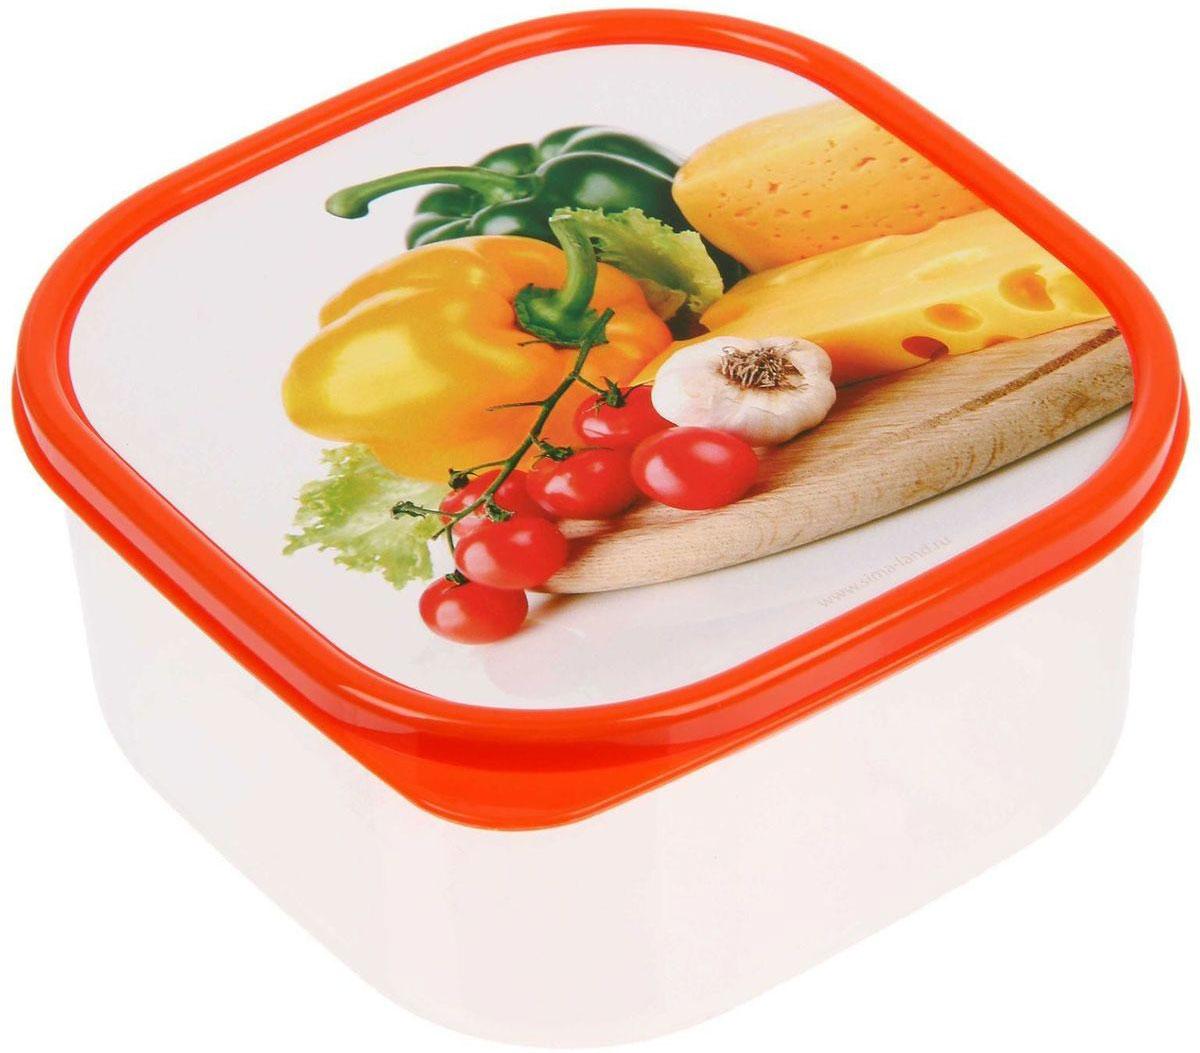 Ланч-бокс Доляна №8, квадратный, 700 мл1333981Если после вкусного обеда осталась еда, а насладиться трапезой хочется и на следующий день, ланч-бокс станет отличным решением данной проблемы!Такой контейнер является незаменимым предметом кухонной утвари, ведь у него много преимуществ:Простота ухода. Ланч-бокс достаточно промыть тёплой водой с небольшим количеством чистящего средства, и он снова готов к использованию.Вместительность. Большой выбор форм и объёма поможет разместить разнообразные продукты от сахара до супов.Эргономичность. Ланч-боксы очень легко хранить даже в самой маленькой кухне, так как их можно поставить один в другой по принципу матрёшки.Многофункциональность. Разнообразие цветов и форм делает возможным использование контейнеров не только на кухне, но и в других областях домашнего быта.Любители приготовления обеда на всю семью в большинстве случаев приобретают ланч-боксы наборами, так как это позволяет рассортировать продукты по всевозможным признакам. К тому же контейнеры среднего размера станут незаменимыми помощниками на работе: ведь что может быть приятнее, чем порадовать себя во время обеда прекрасной едой, заботливо сохранённой в контейнере?В качестве материала для изготовления используется пластик, что делает процесс ухода за контейнером ещё более эффективным. К каждому ланч-боксу в комплекте также прилагается крышка подходящего размера, это позволяет плотно и надёжно удерживать запах еды и упрощает процесс транспортировки.Однако рекомендуется соблюдать и меры предосторожности: не использовать пластиковые контейнеры в духовых шкафах и на открытом огне, а также не разогревать в микроволновых печах при закрытой крышке ланч-бокса. Соблюдение мер безопасности позволит продлить срок эксплуатации и сохранить отличный внешний вид изделия.Эргономичный дизайн и многофункциональность таких контейнеров — вот, что является причиной большой популярности данного предмета у каждой хозяйки. А в преддверии лета и дачного сезона такое приобретение позволит под